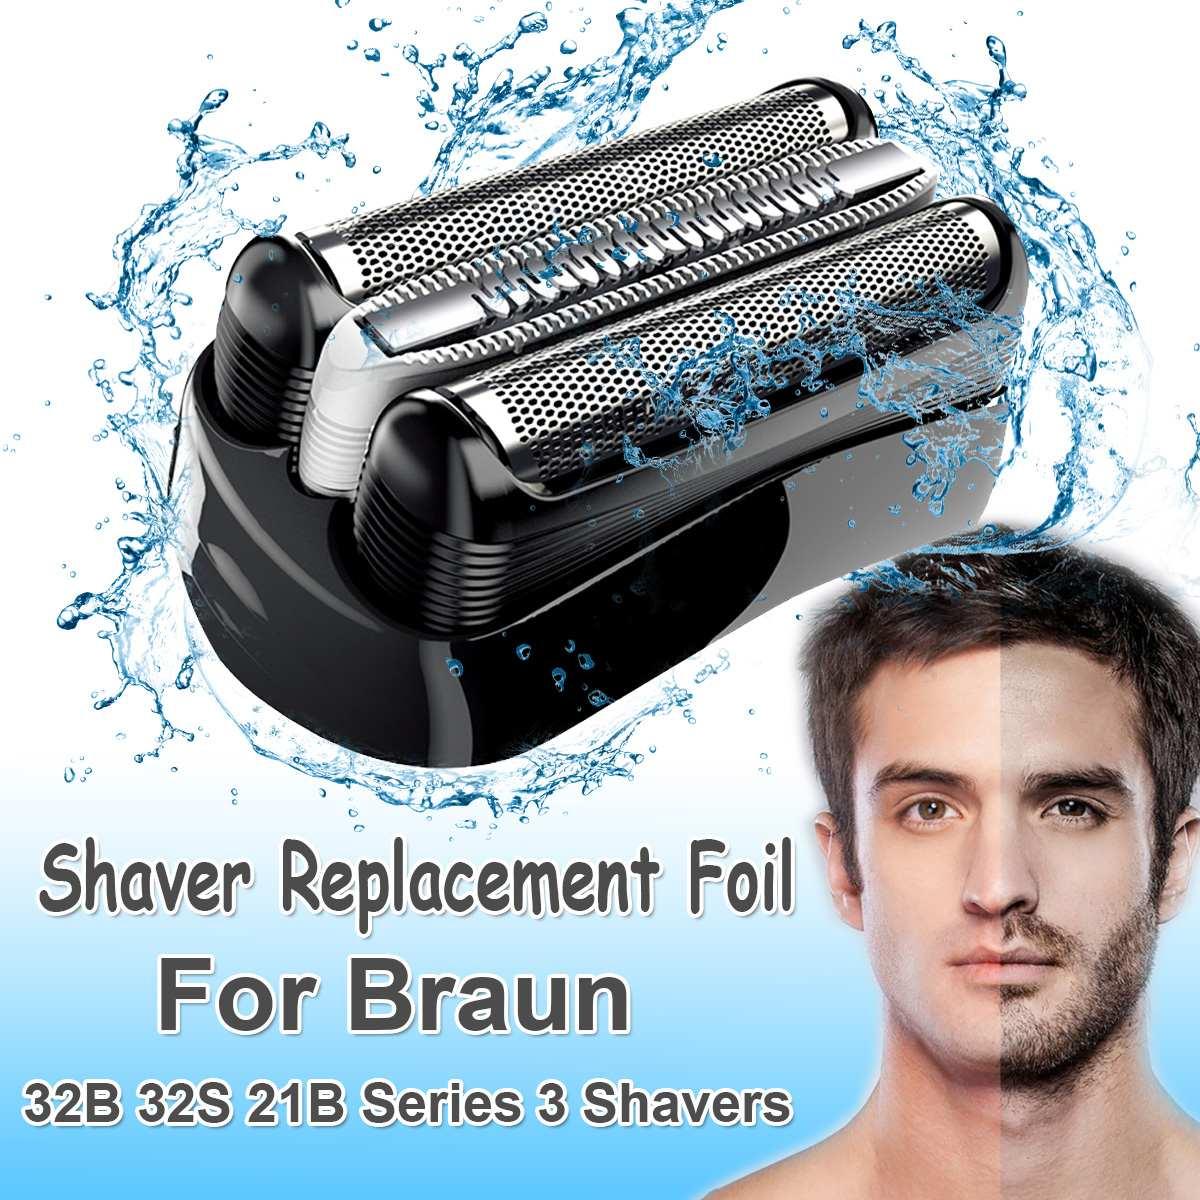 Tête de rasoir de rechange pour Braun 32B 32S 21B pour Cruzer6 Series 3 301S 310S 320S 360S 3000S 3010S 3020S S 350CC